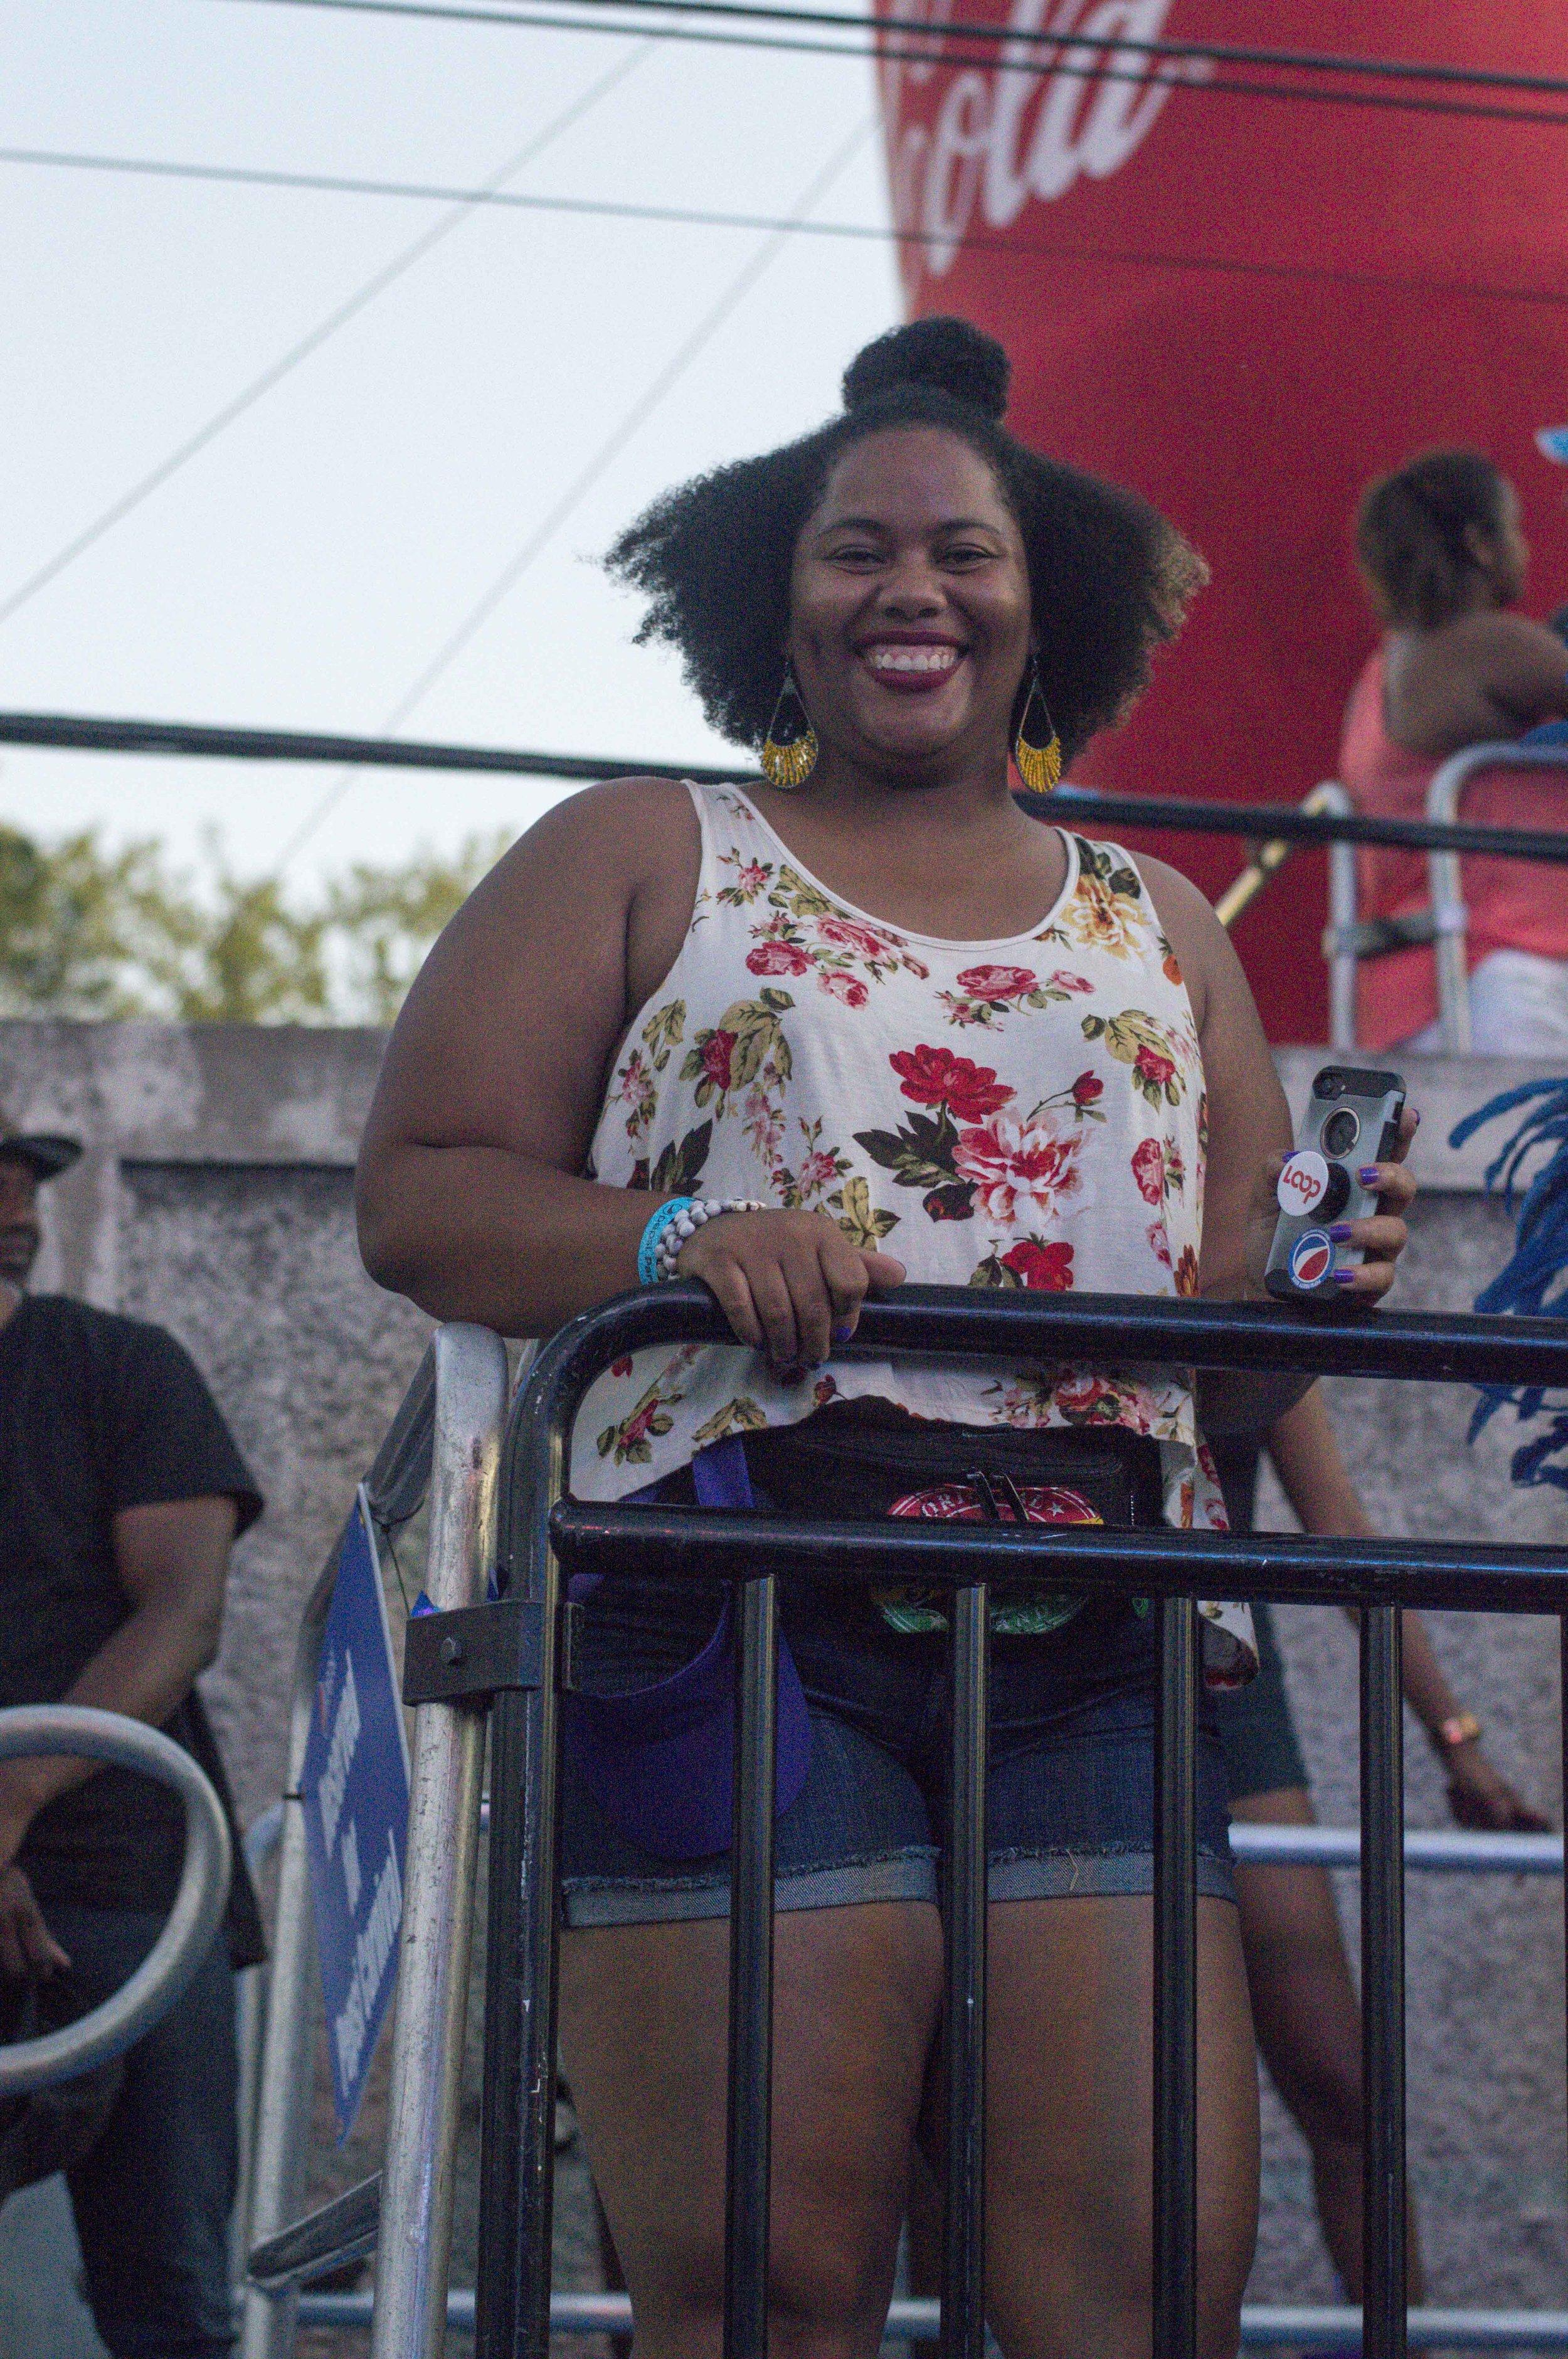 carnival2019_jeanalindo-107.jpg